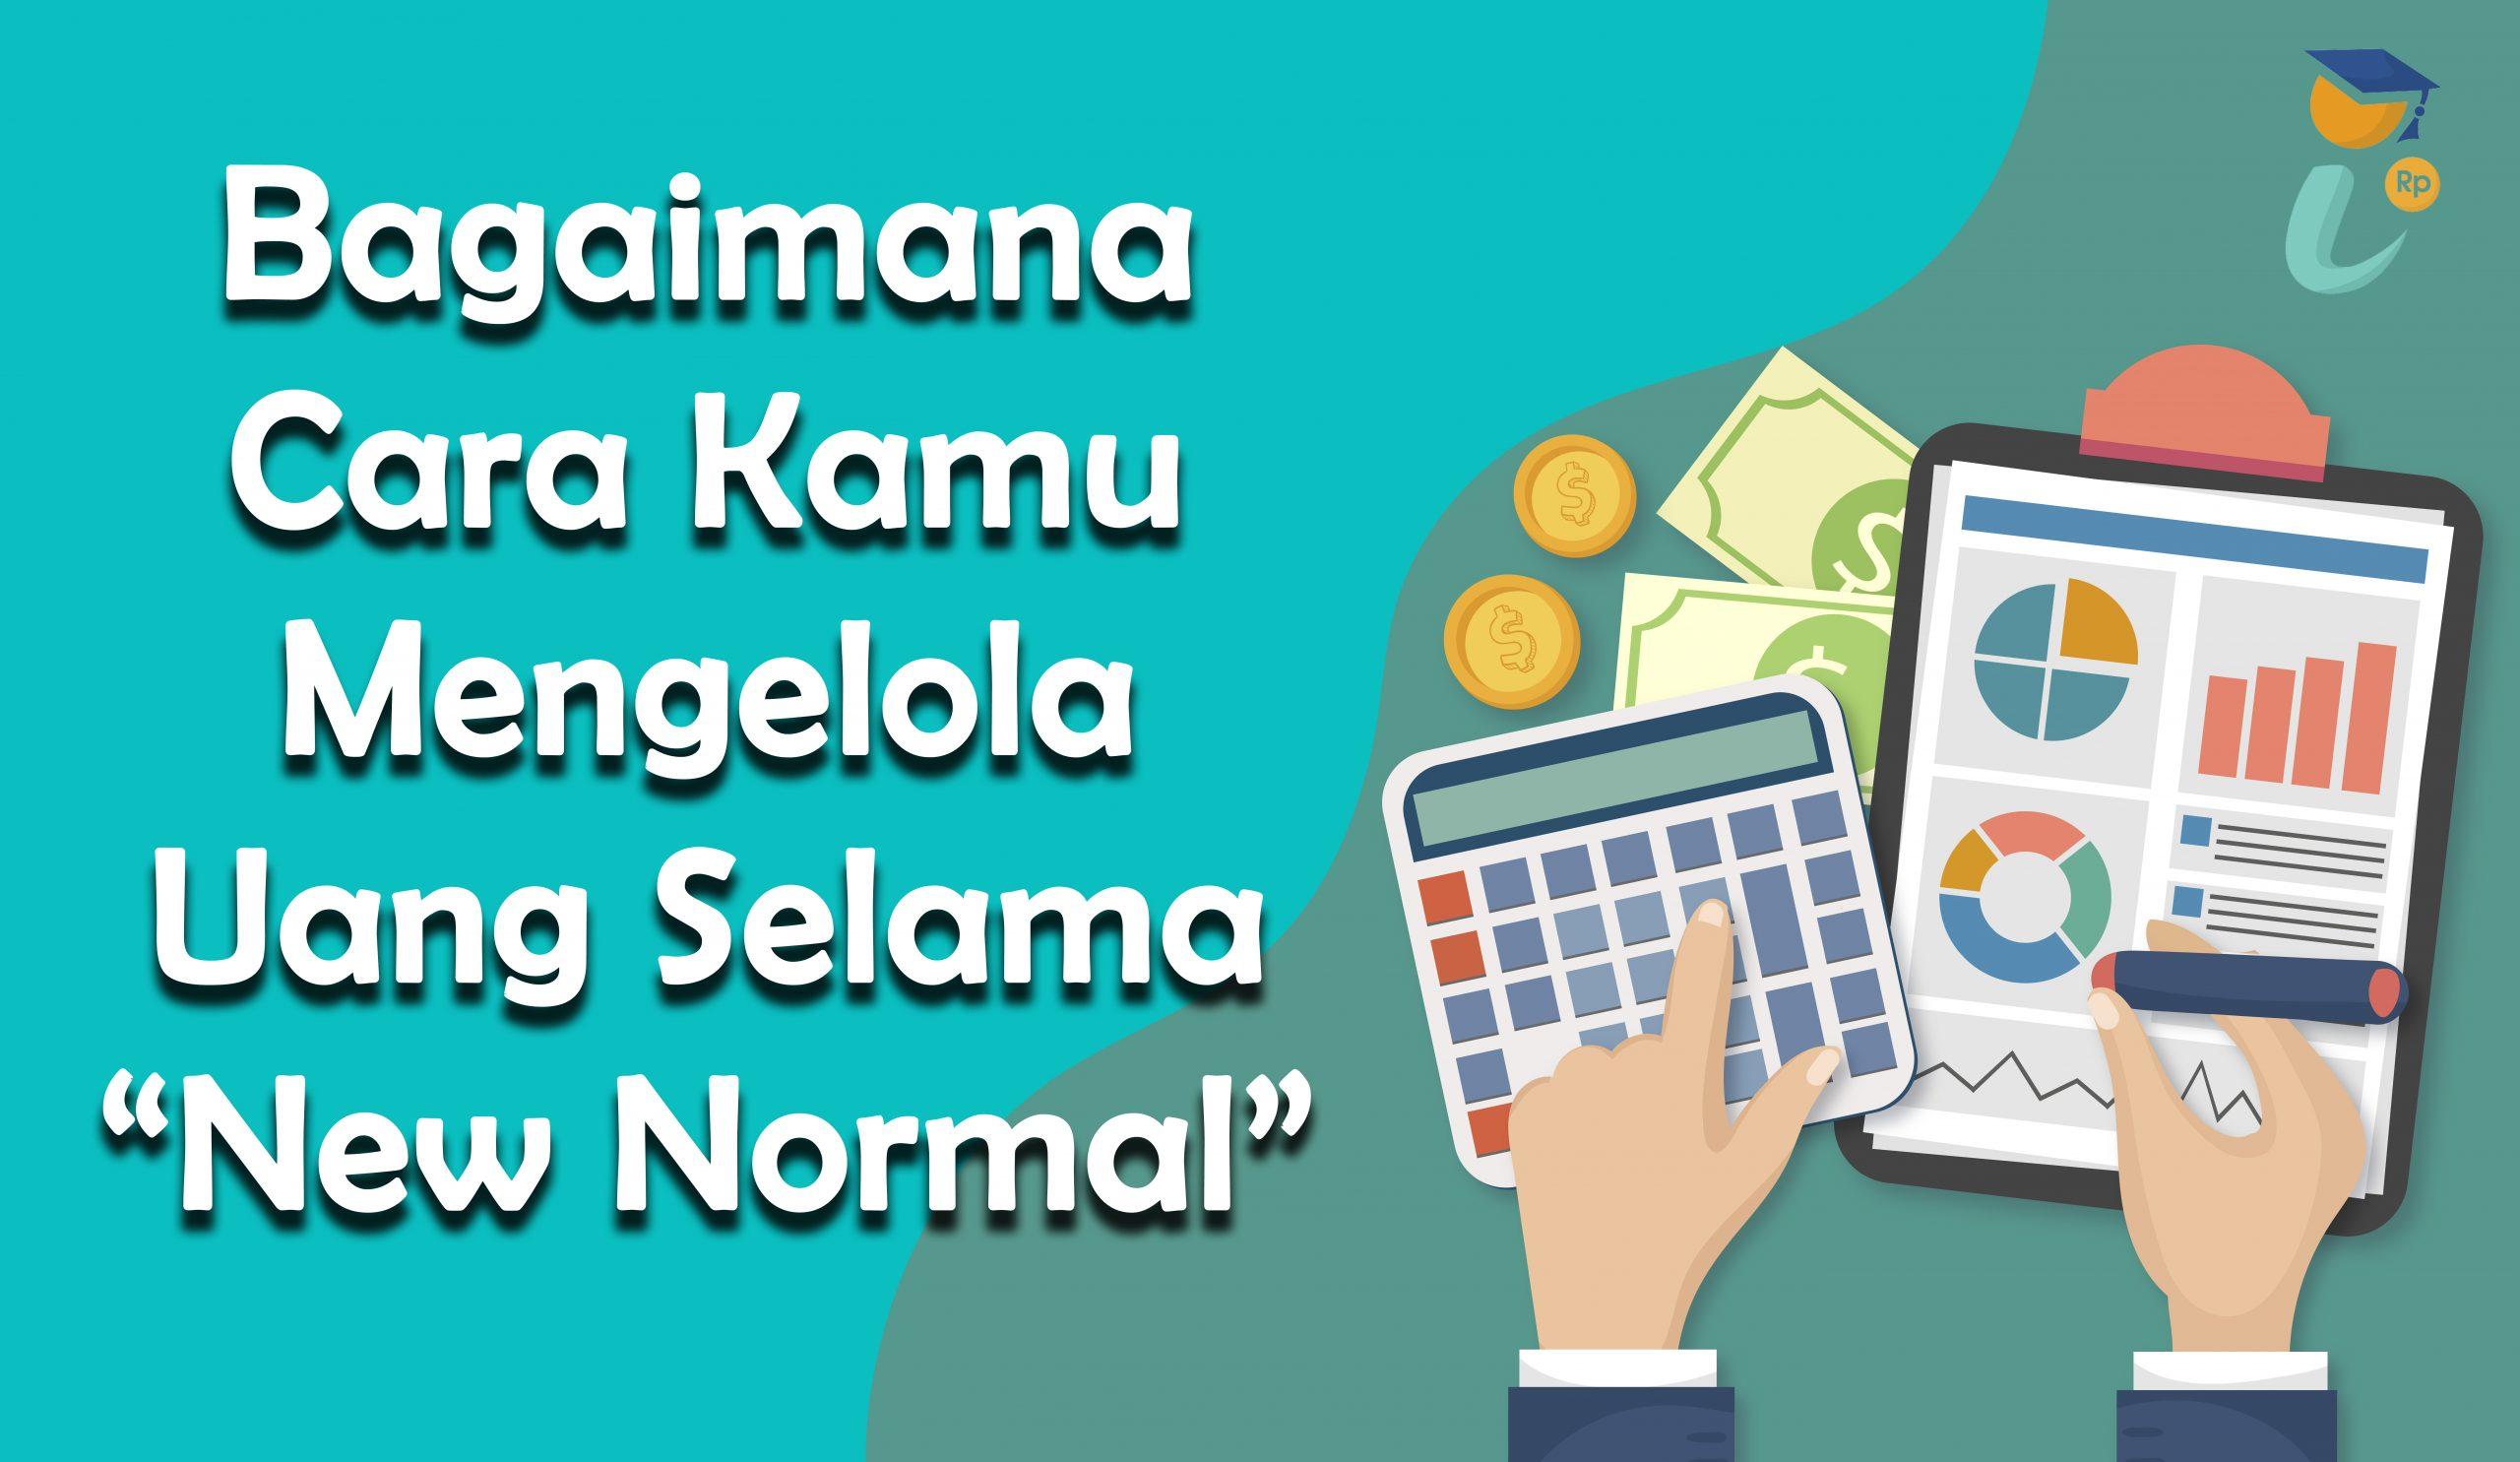 Bagaimana Cara Kamu Mengelola Uang Selama New Normal?